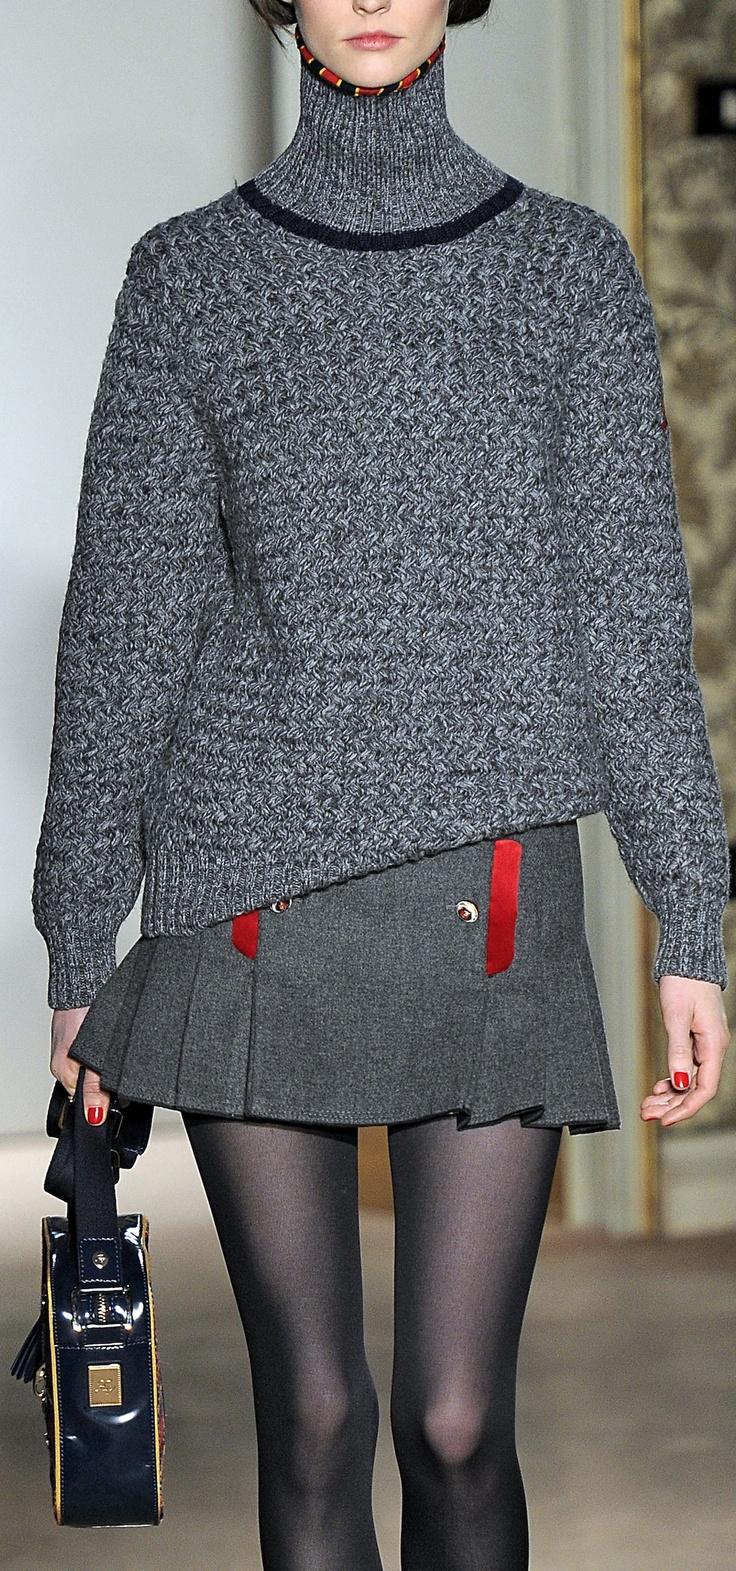 #Milan #Fashion #Week #FW13/14